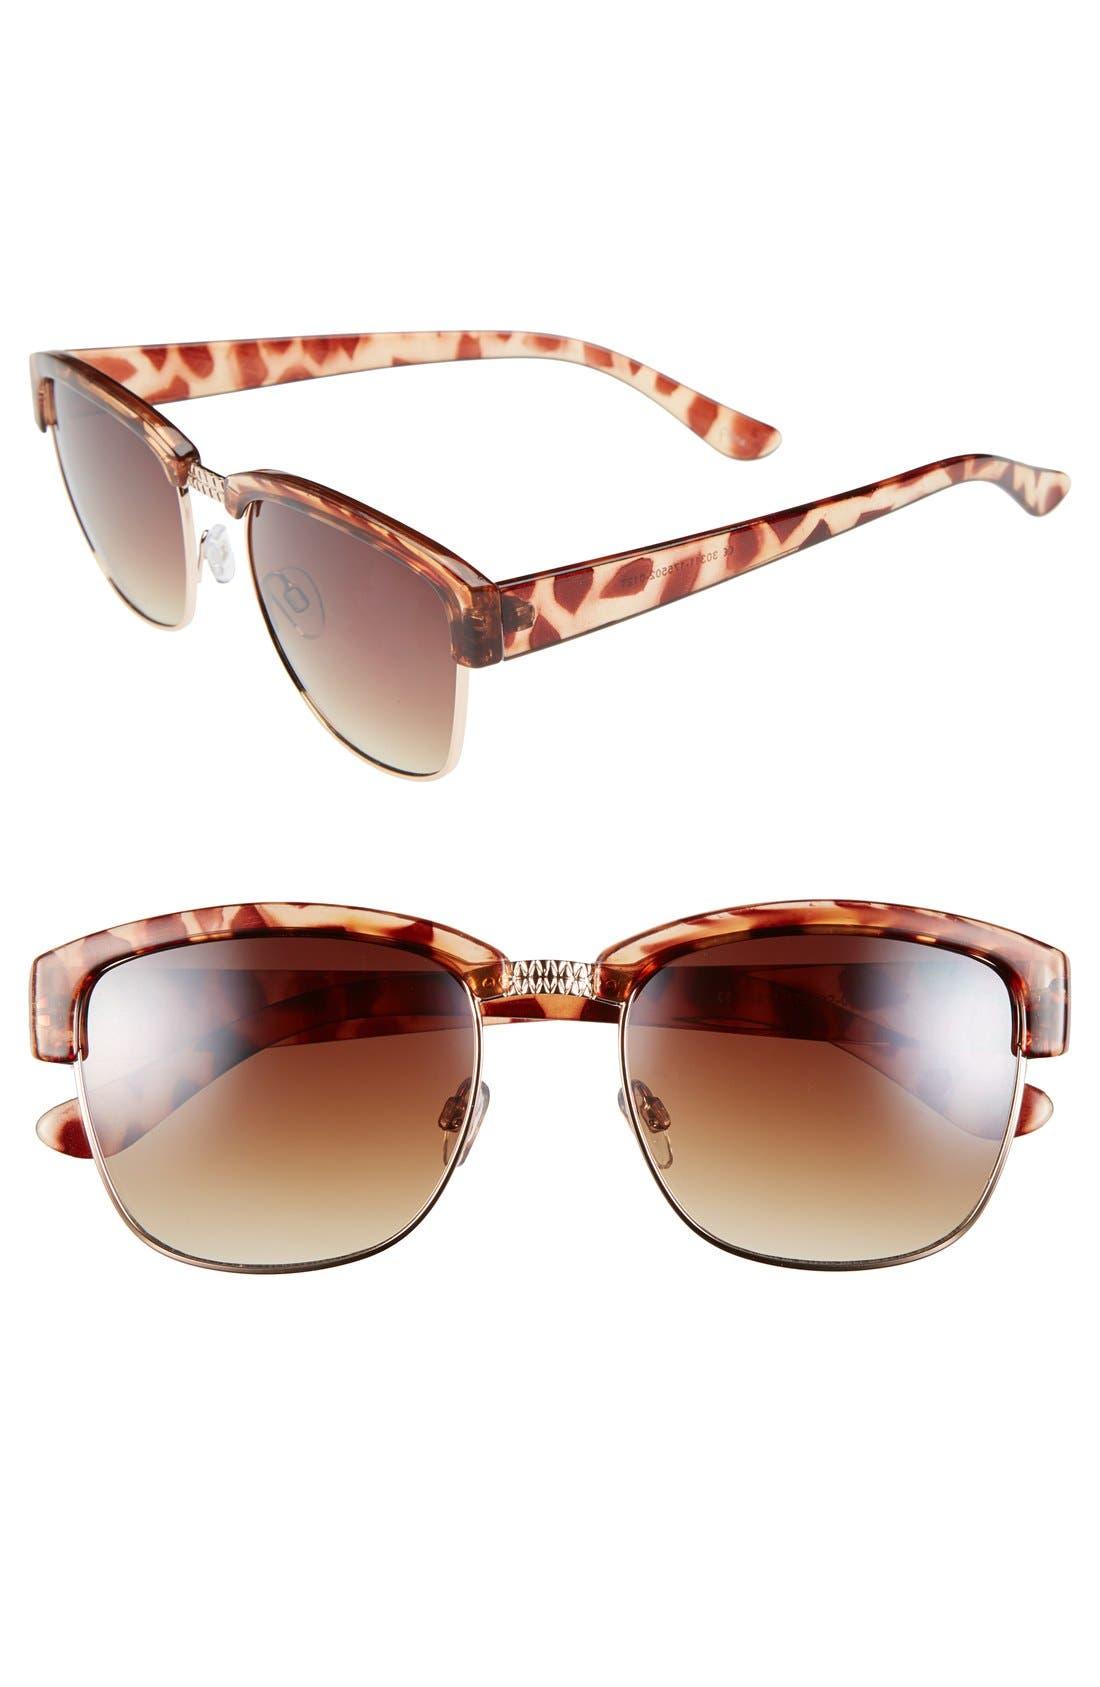 60mm Retro Sunglasses,                         Main,                         color, 200